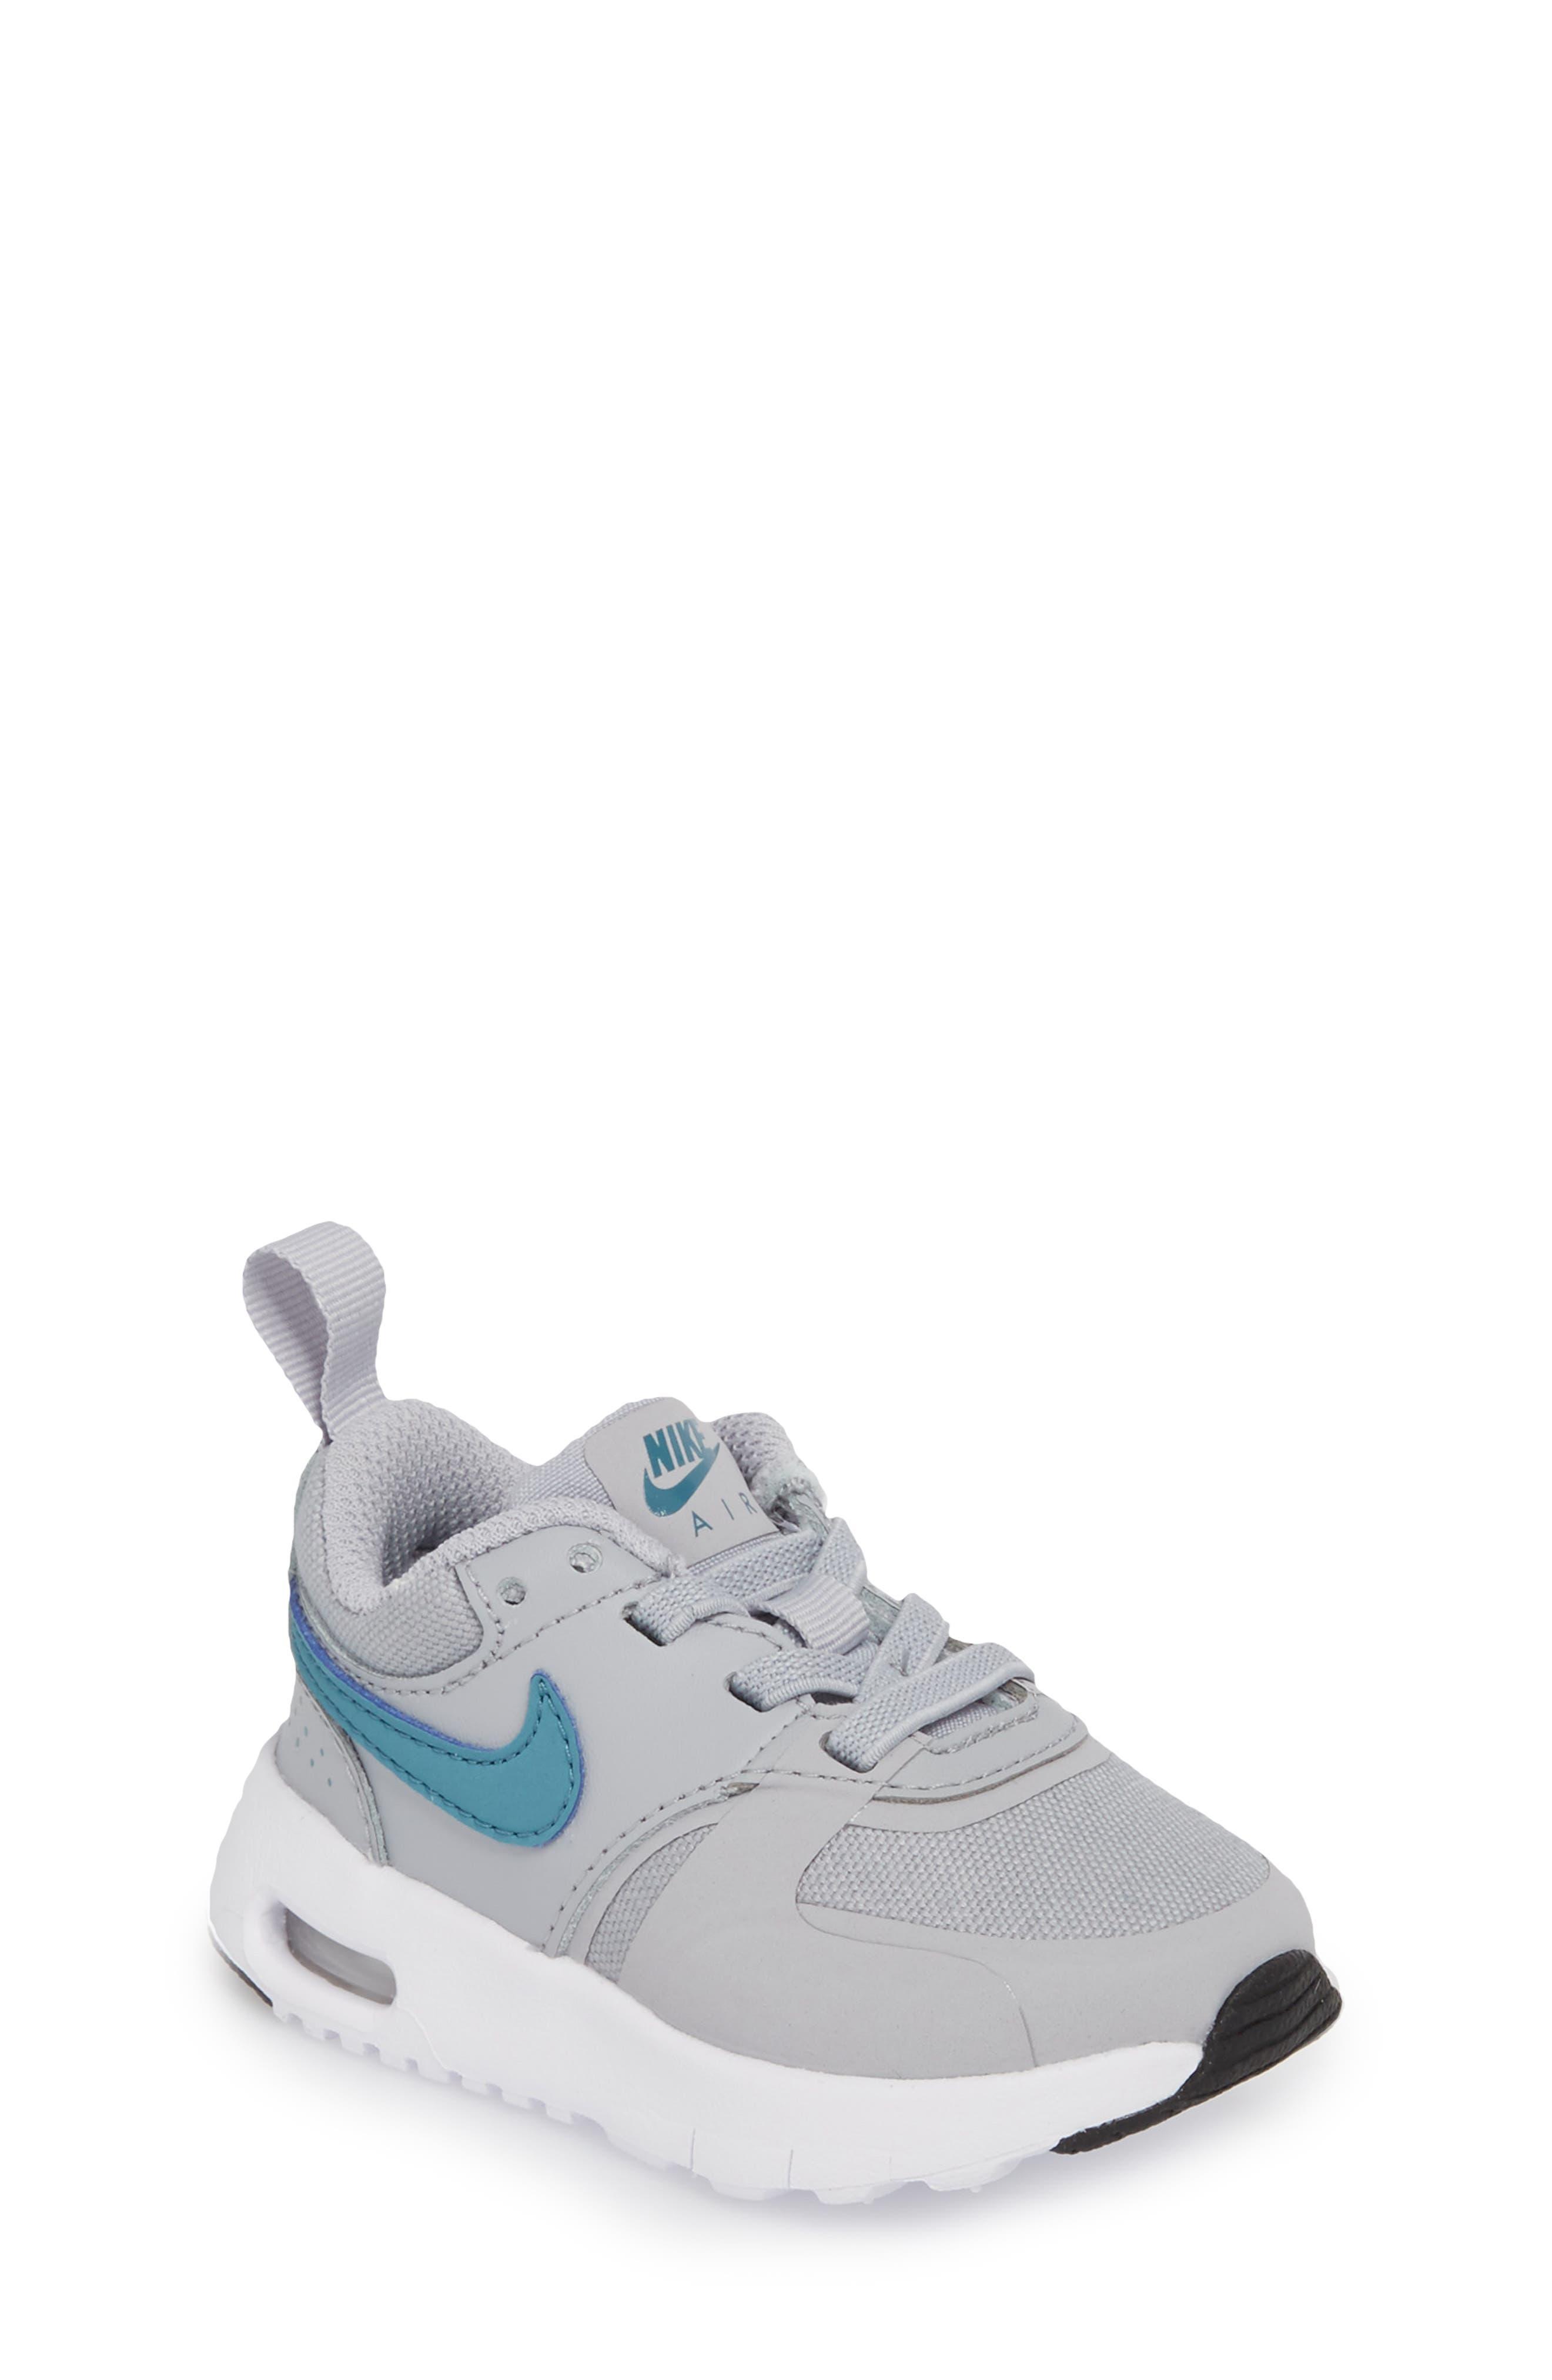 Air Max Vision Sneaker,                             Main thumbnail 1, color,                             021